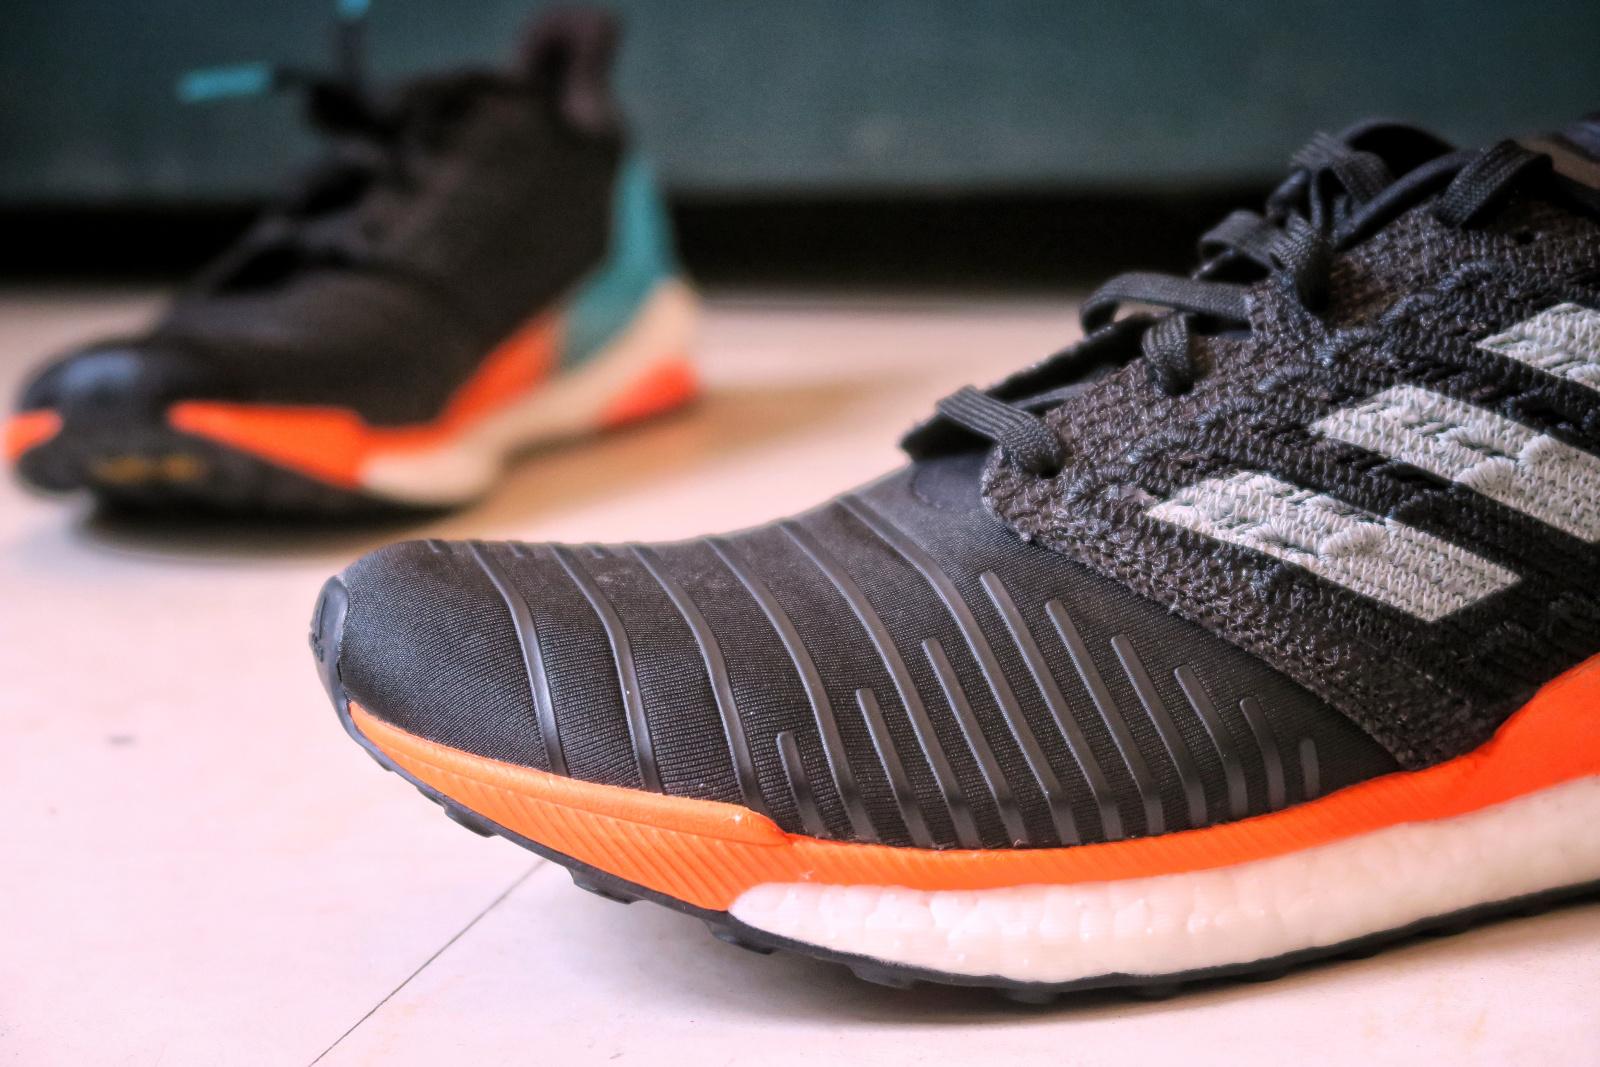 Devant de la chaussure de l'Adidas Solar Boost noire